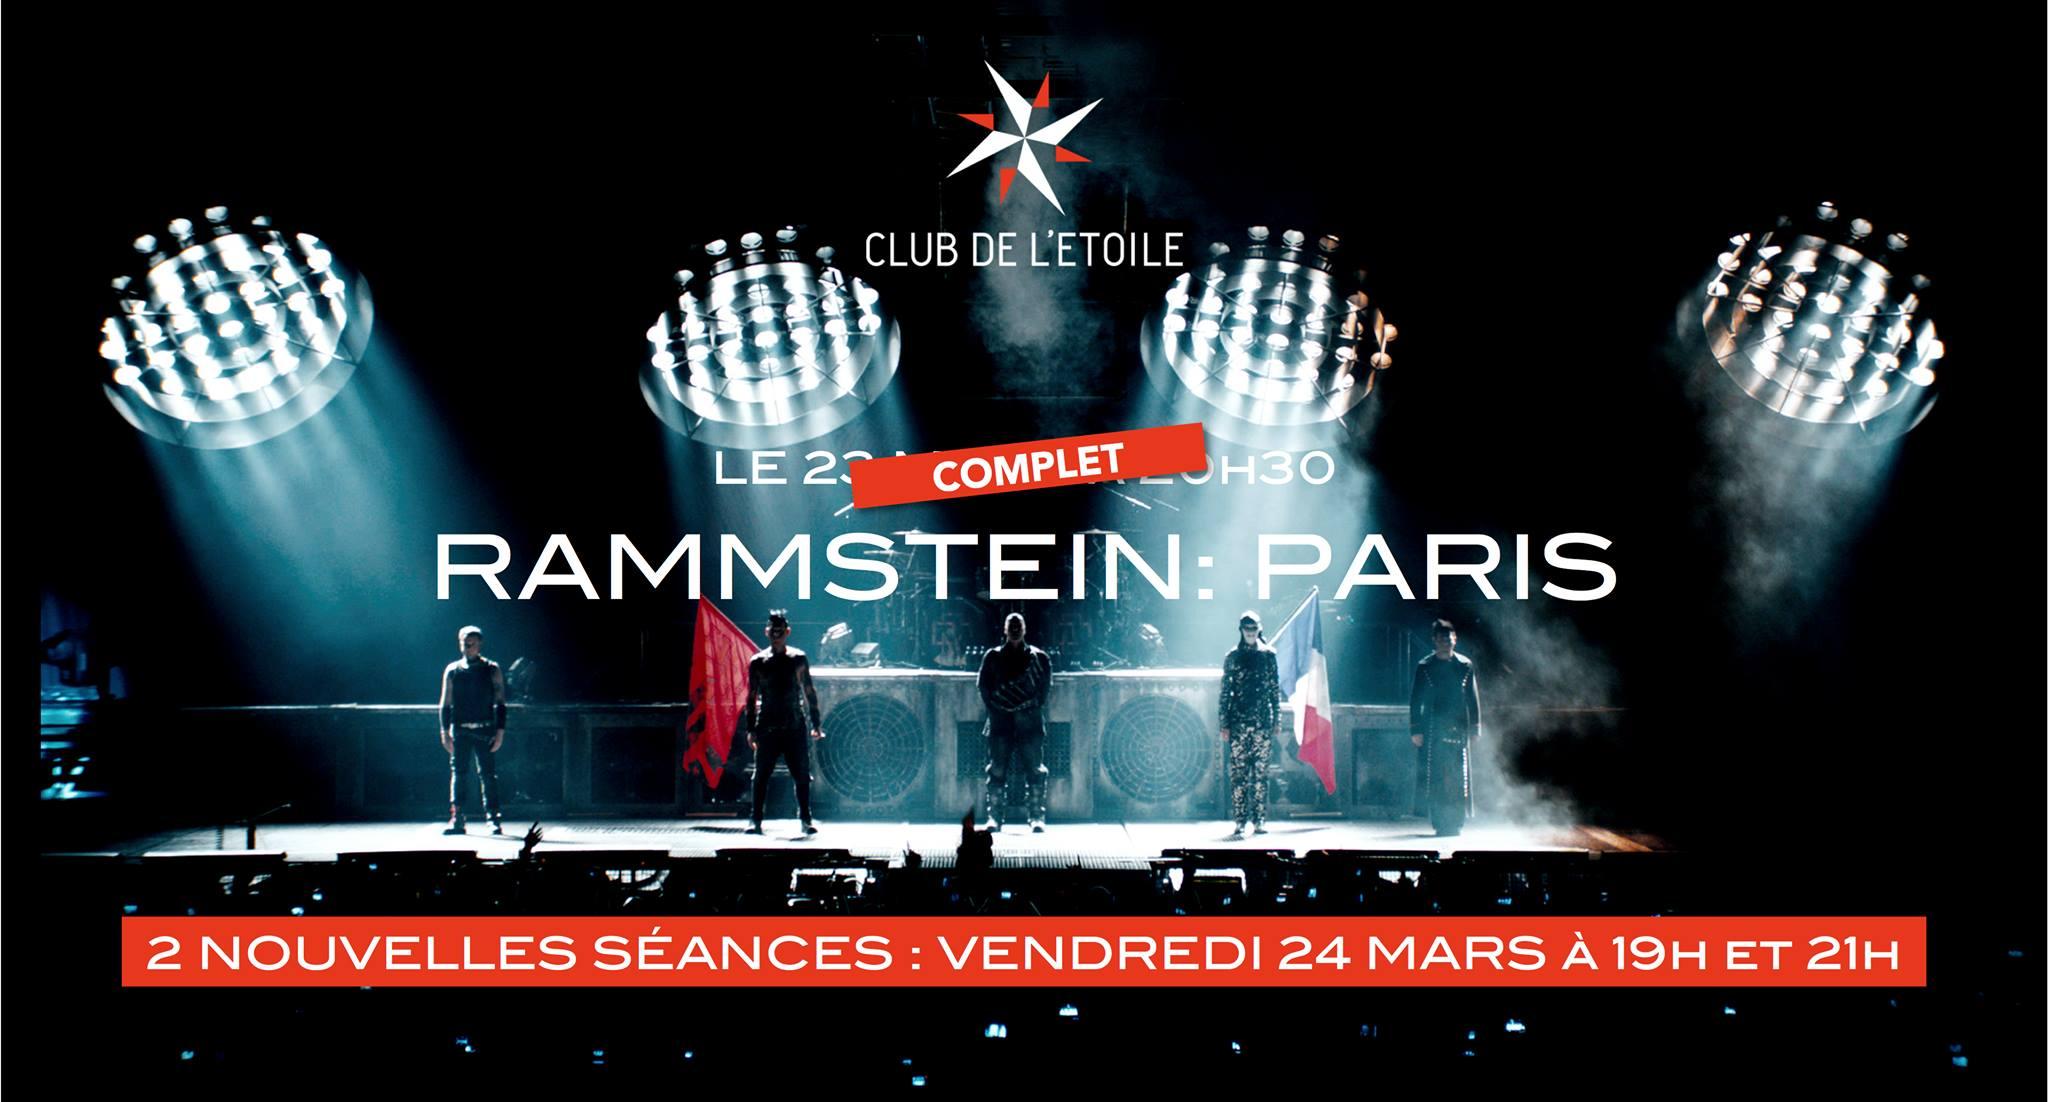 Rammstein– PARIS : Concert filmé @ Club de l'étoile (Paris), le 24 Mars 2017